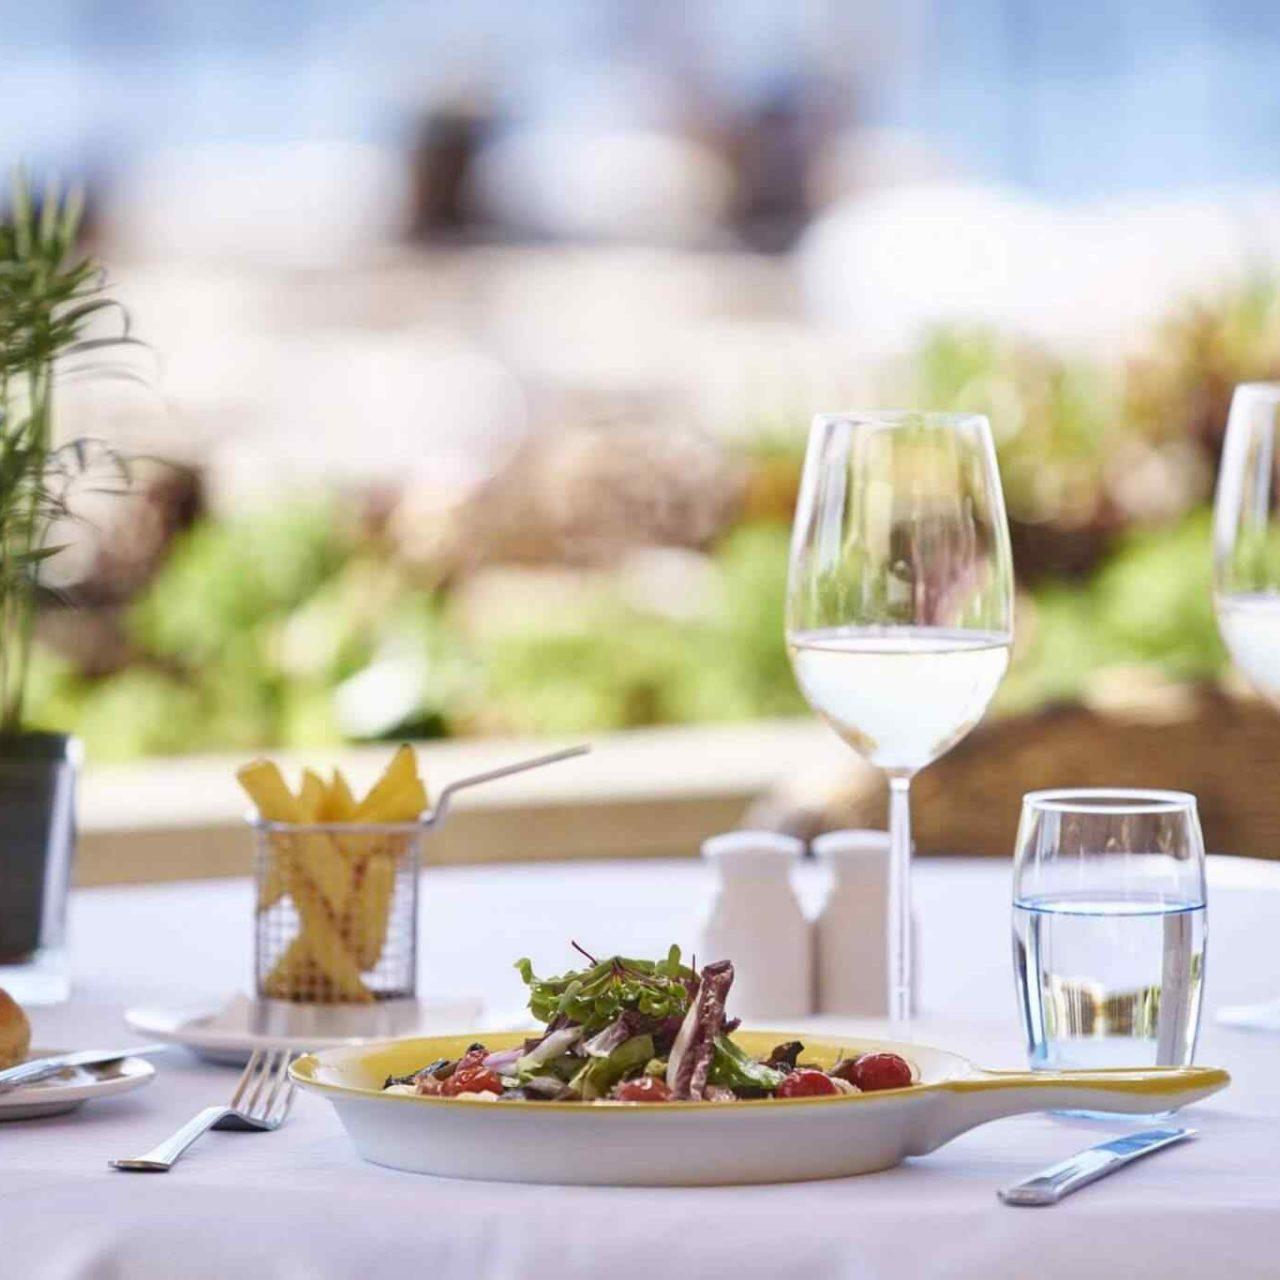 https://www.locfind.eu/wp-content/uploads/2017/08/restaurant-01-6-1280x1280.jpg